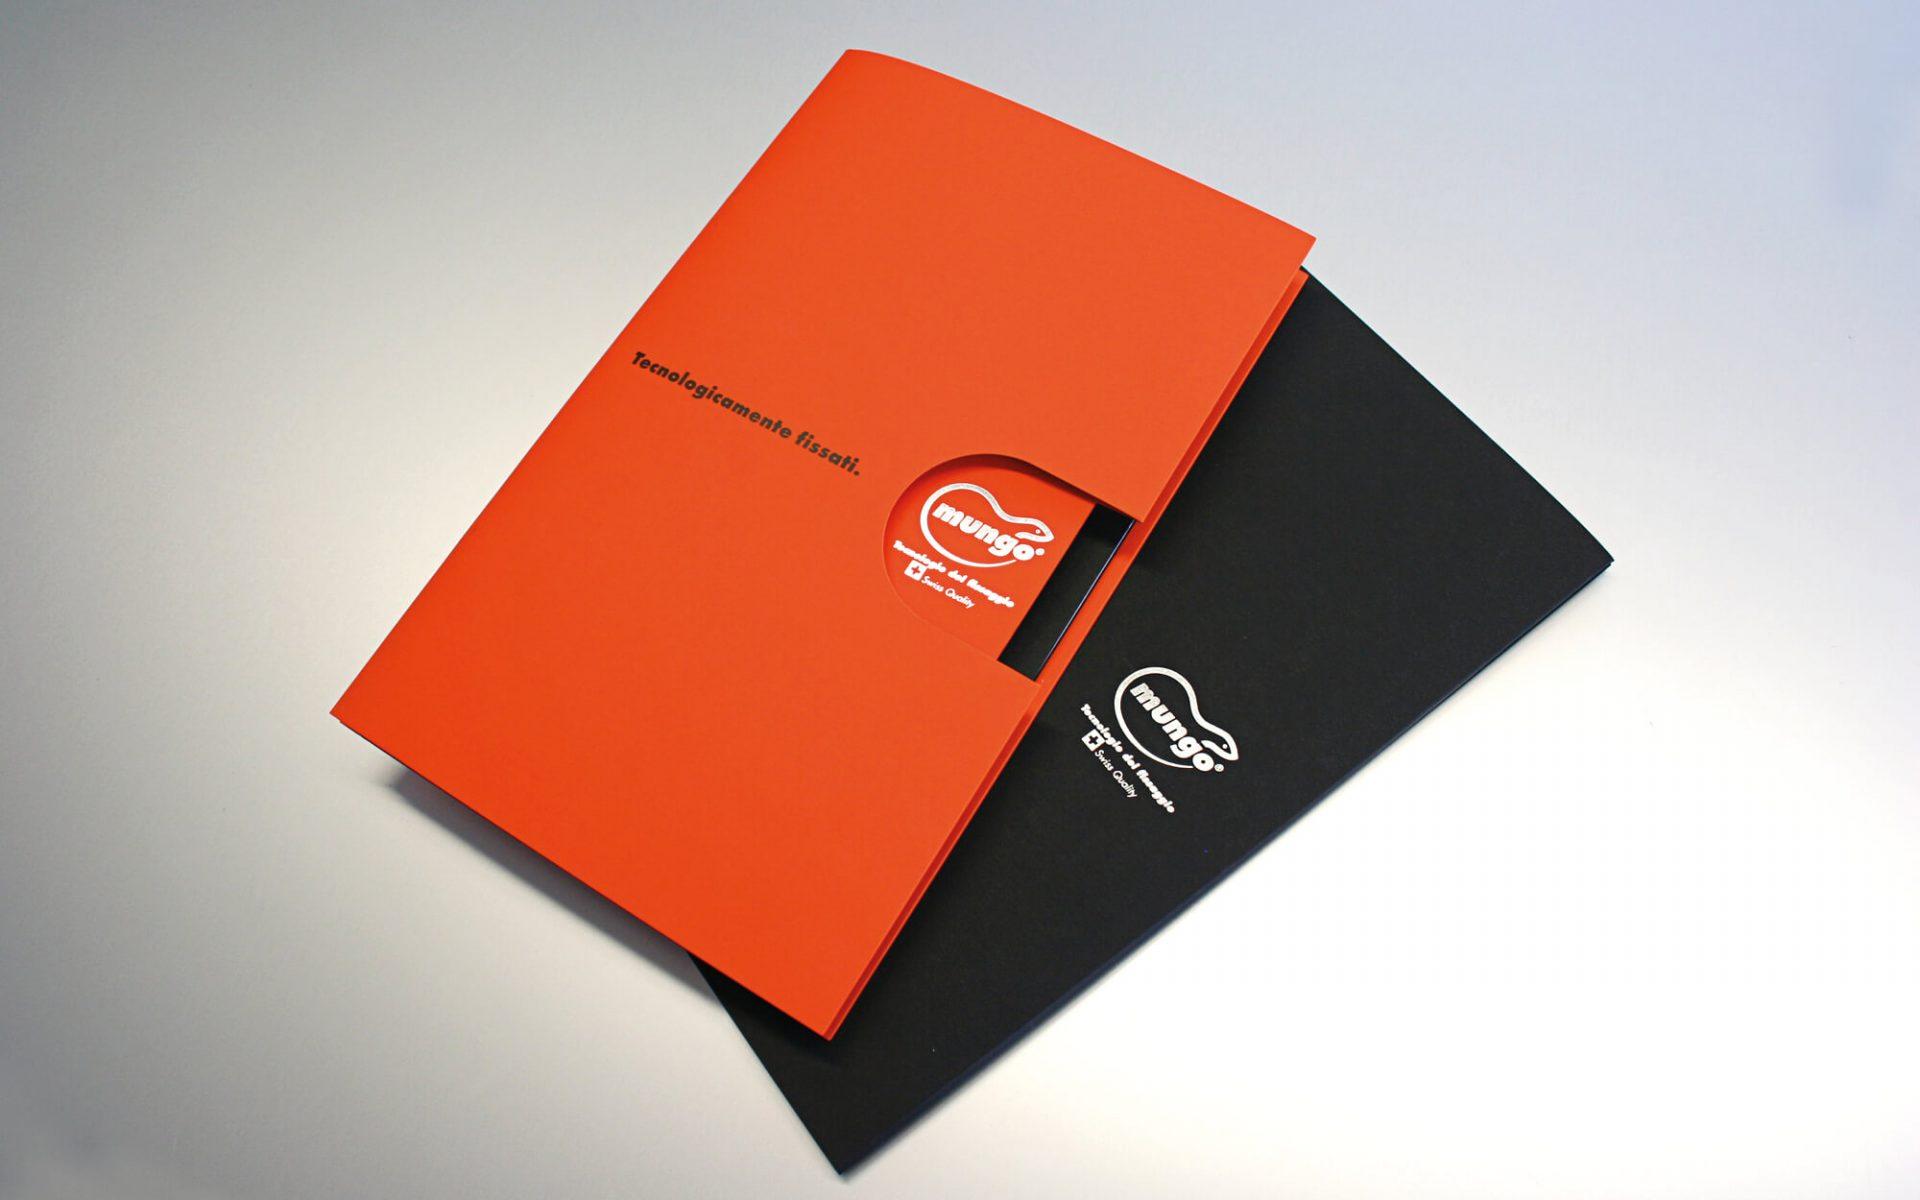 cover e custodia fustellata per depliant mungo italia creato dalla agenzia di comunicazione diadestudio arco di trento